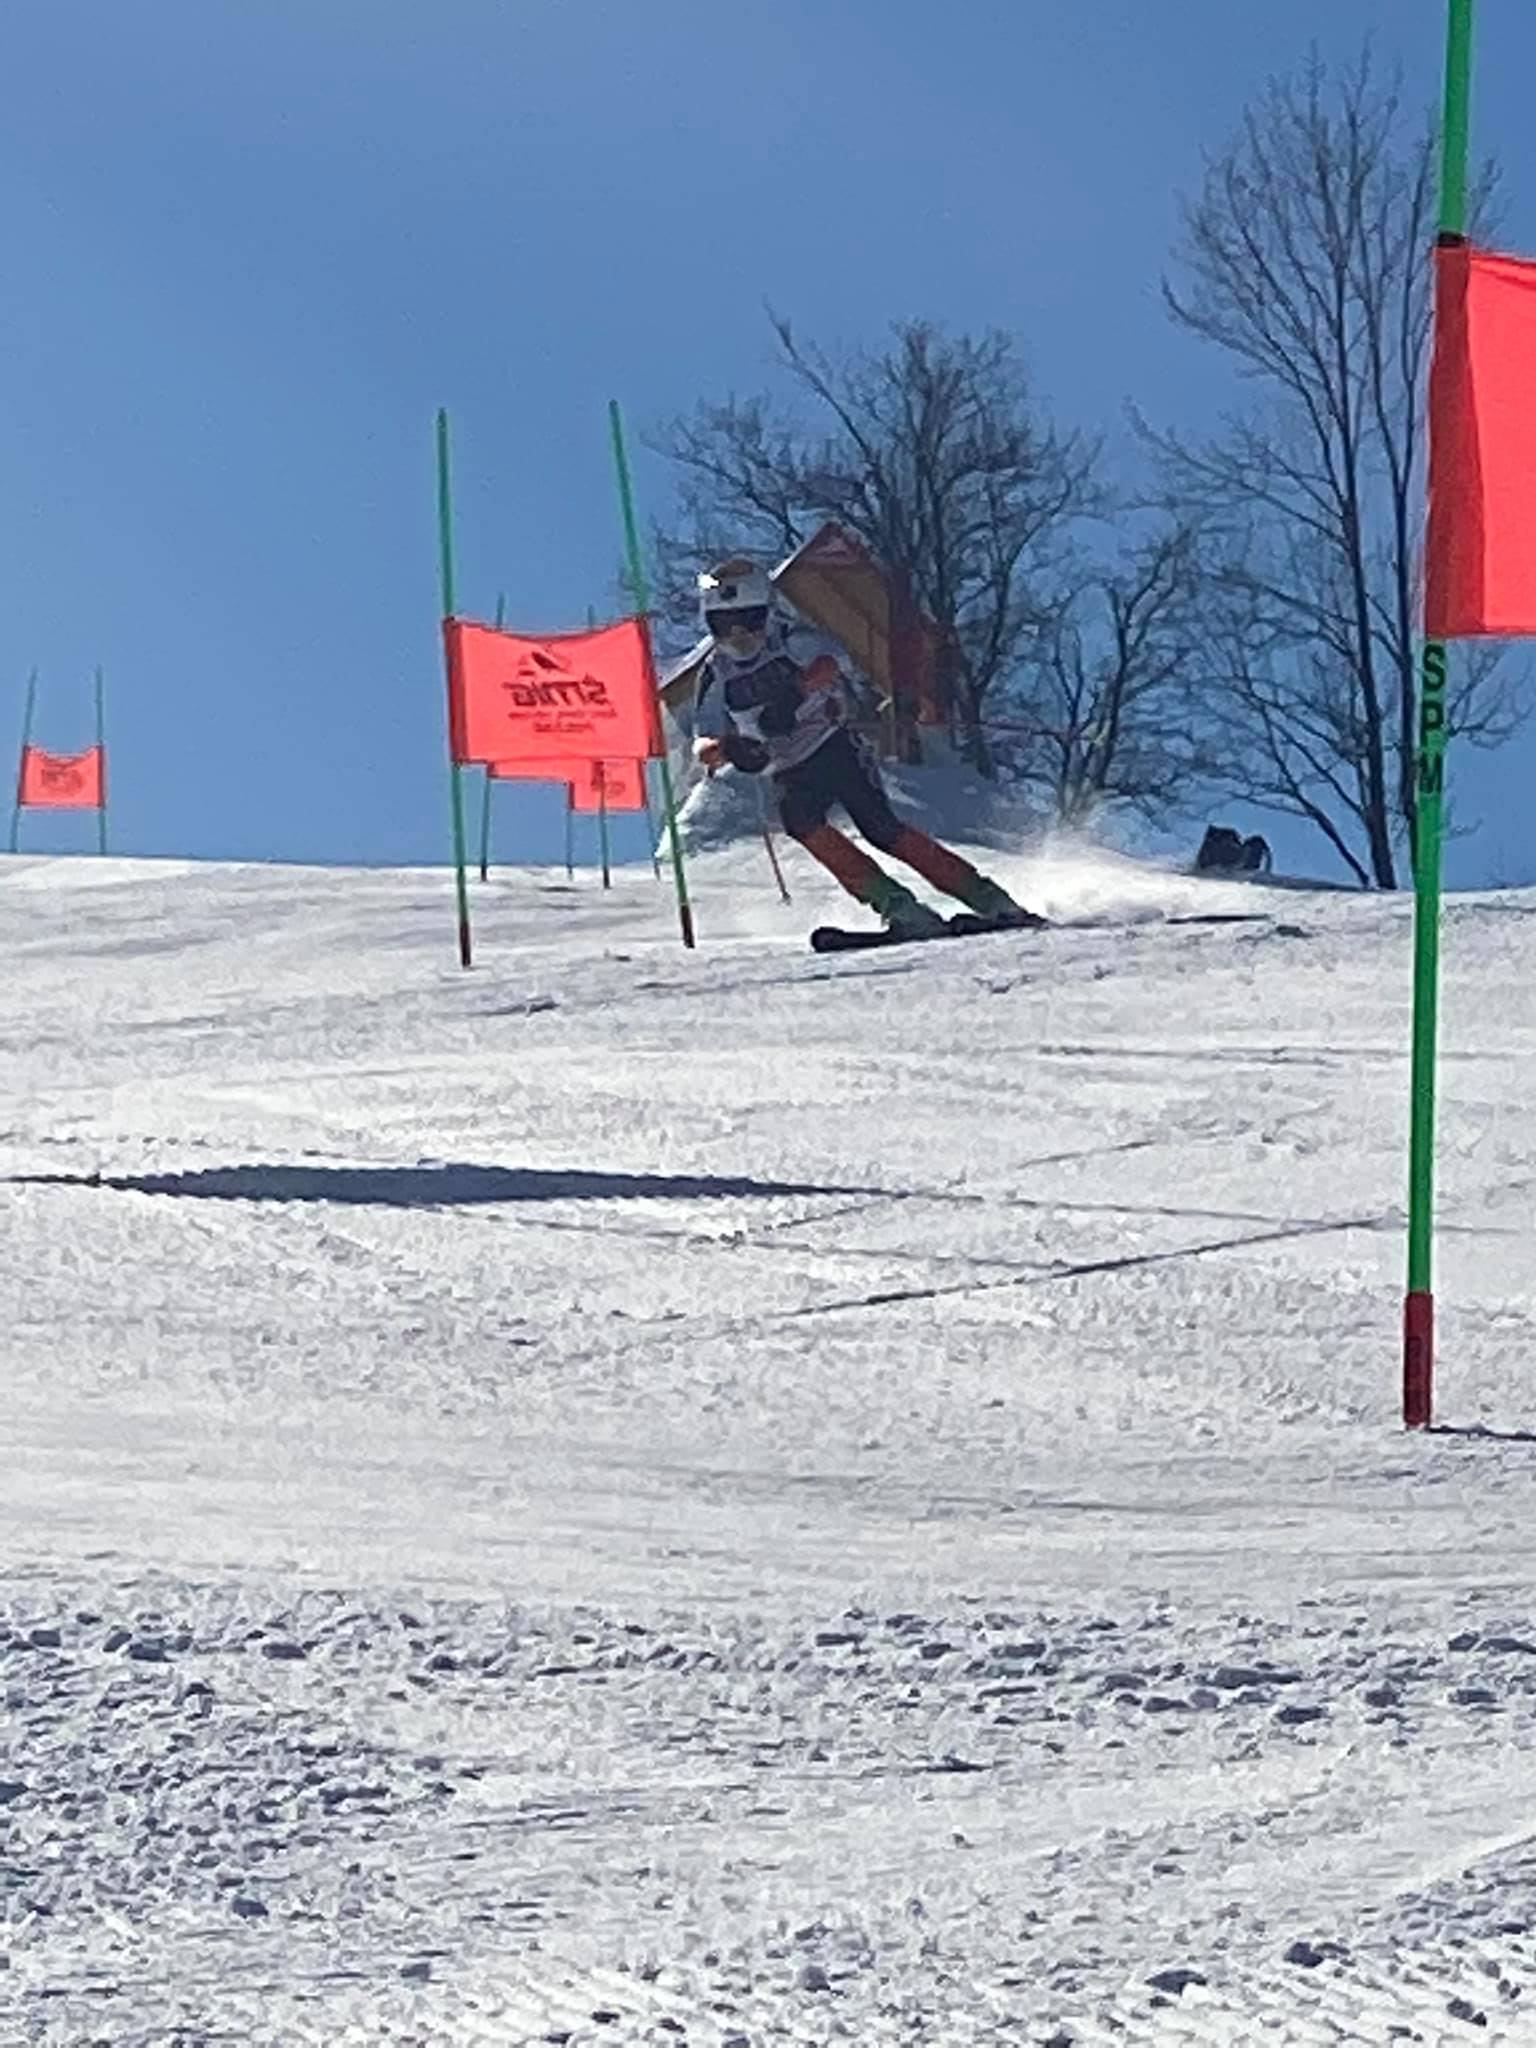 SpoločnosťBlachotrapezpodporovala lyžiarske talenty vLyžiarskom klube TJ Roháče Zuberec